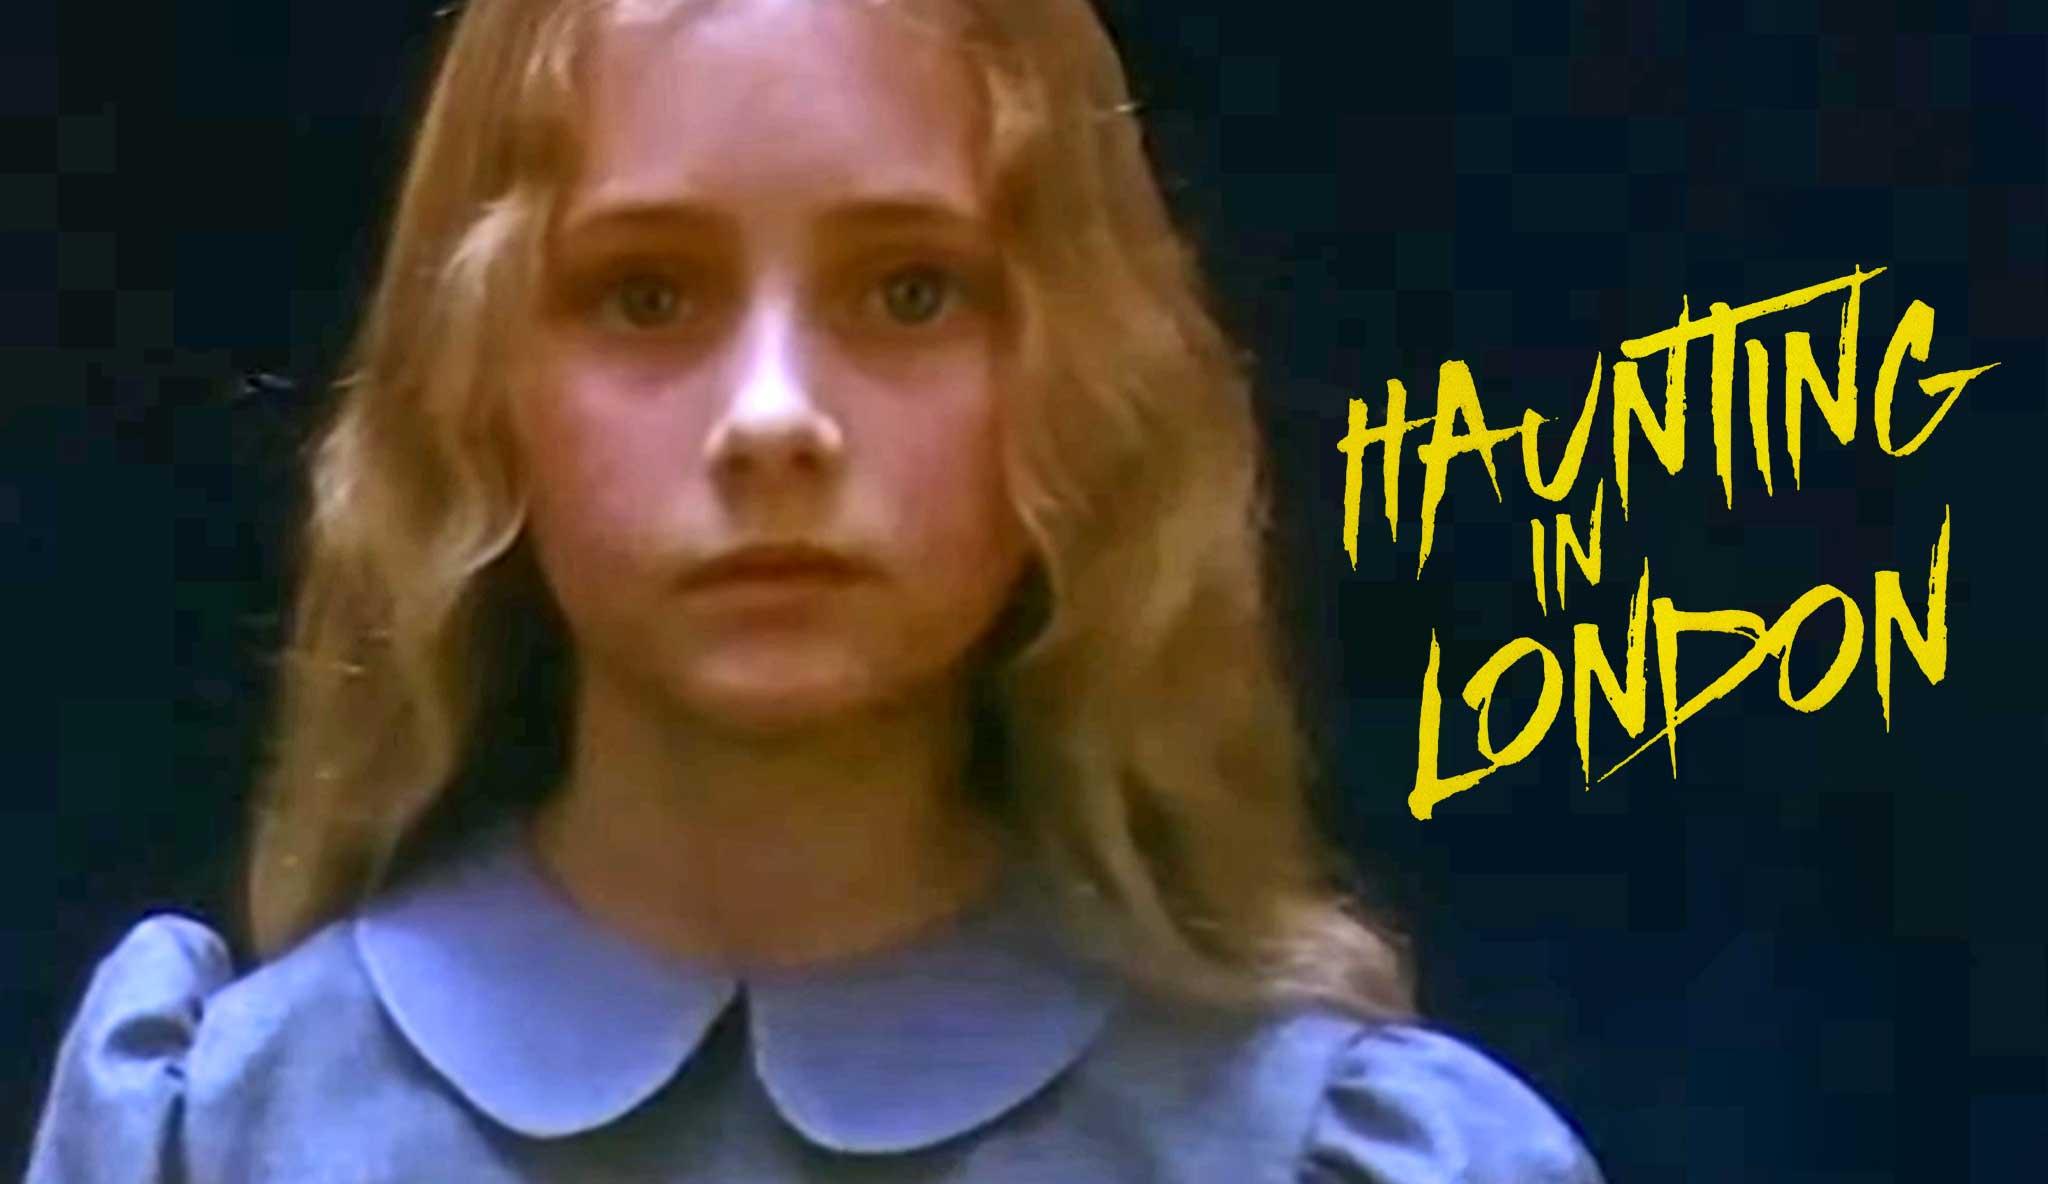 haunting-in-london\header.jpg